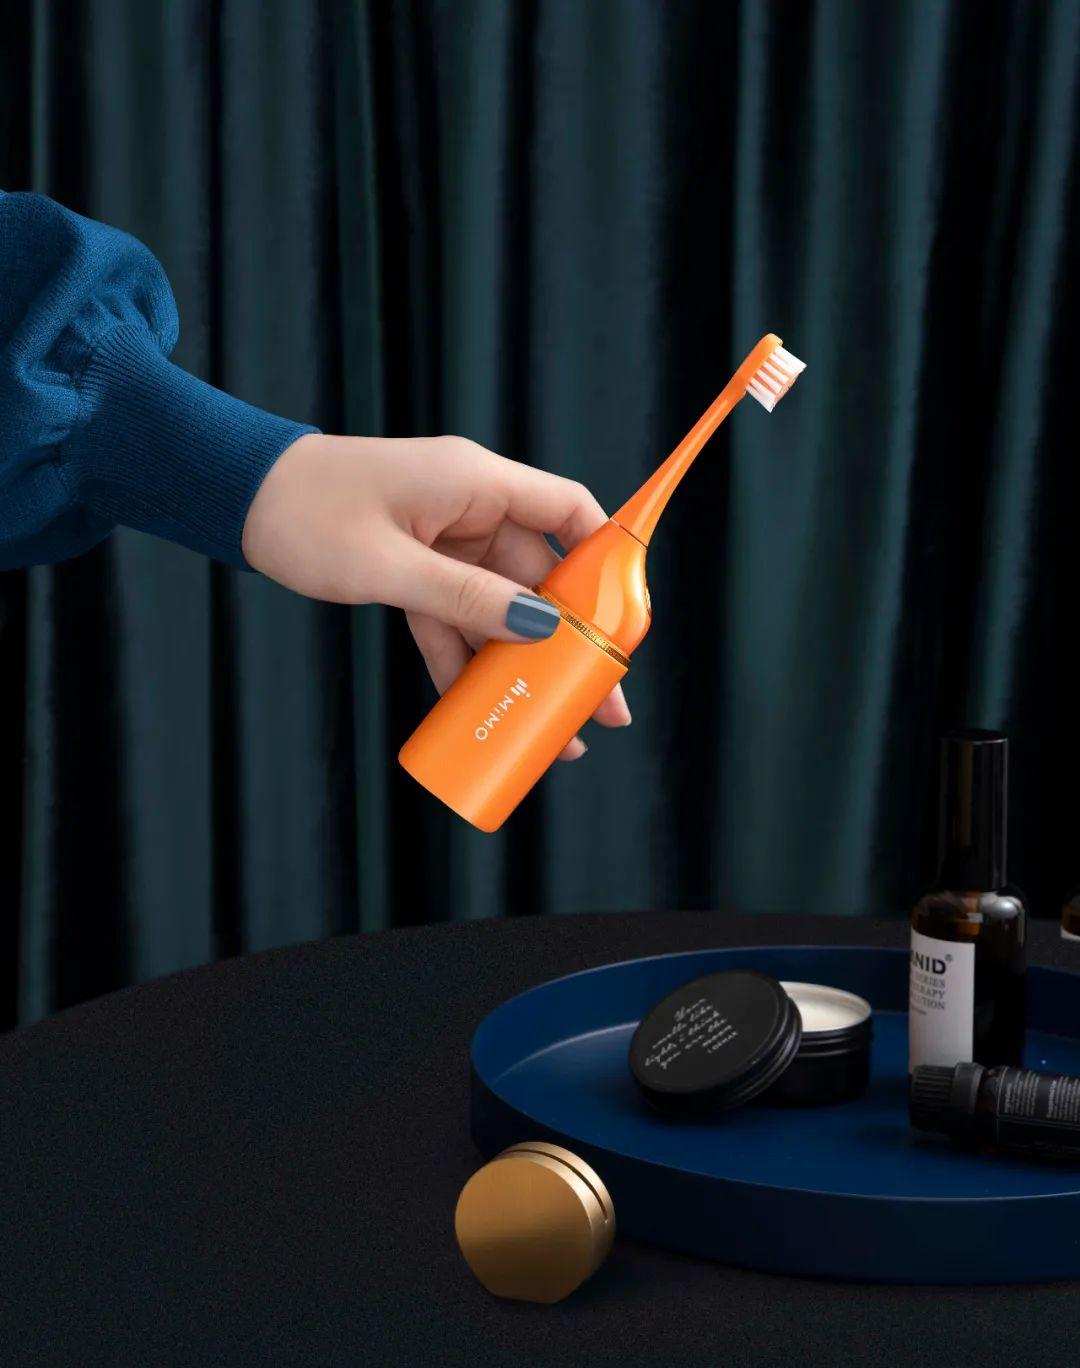 小美宝箱精选 牙好钱包就好,超高颜值电动牙刷,性价比大爆炸!